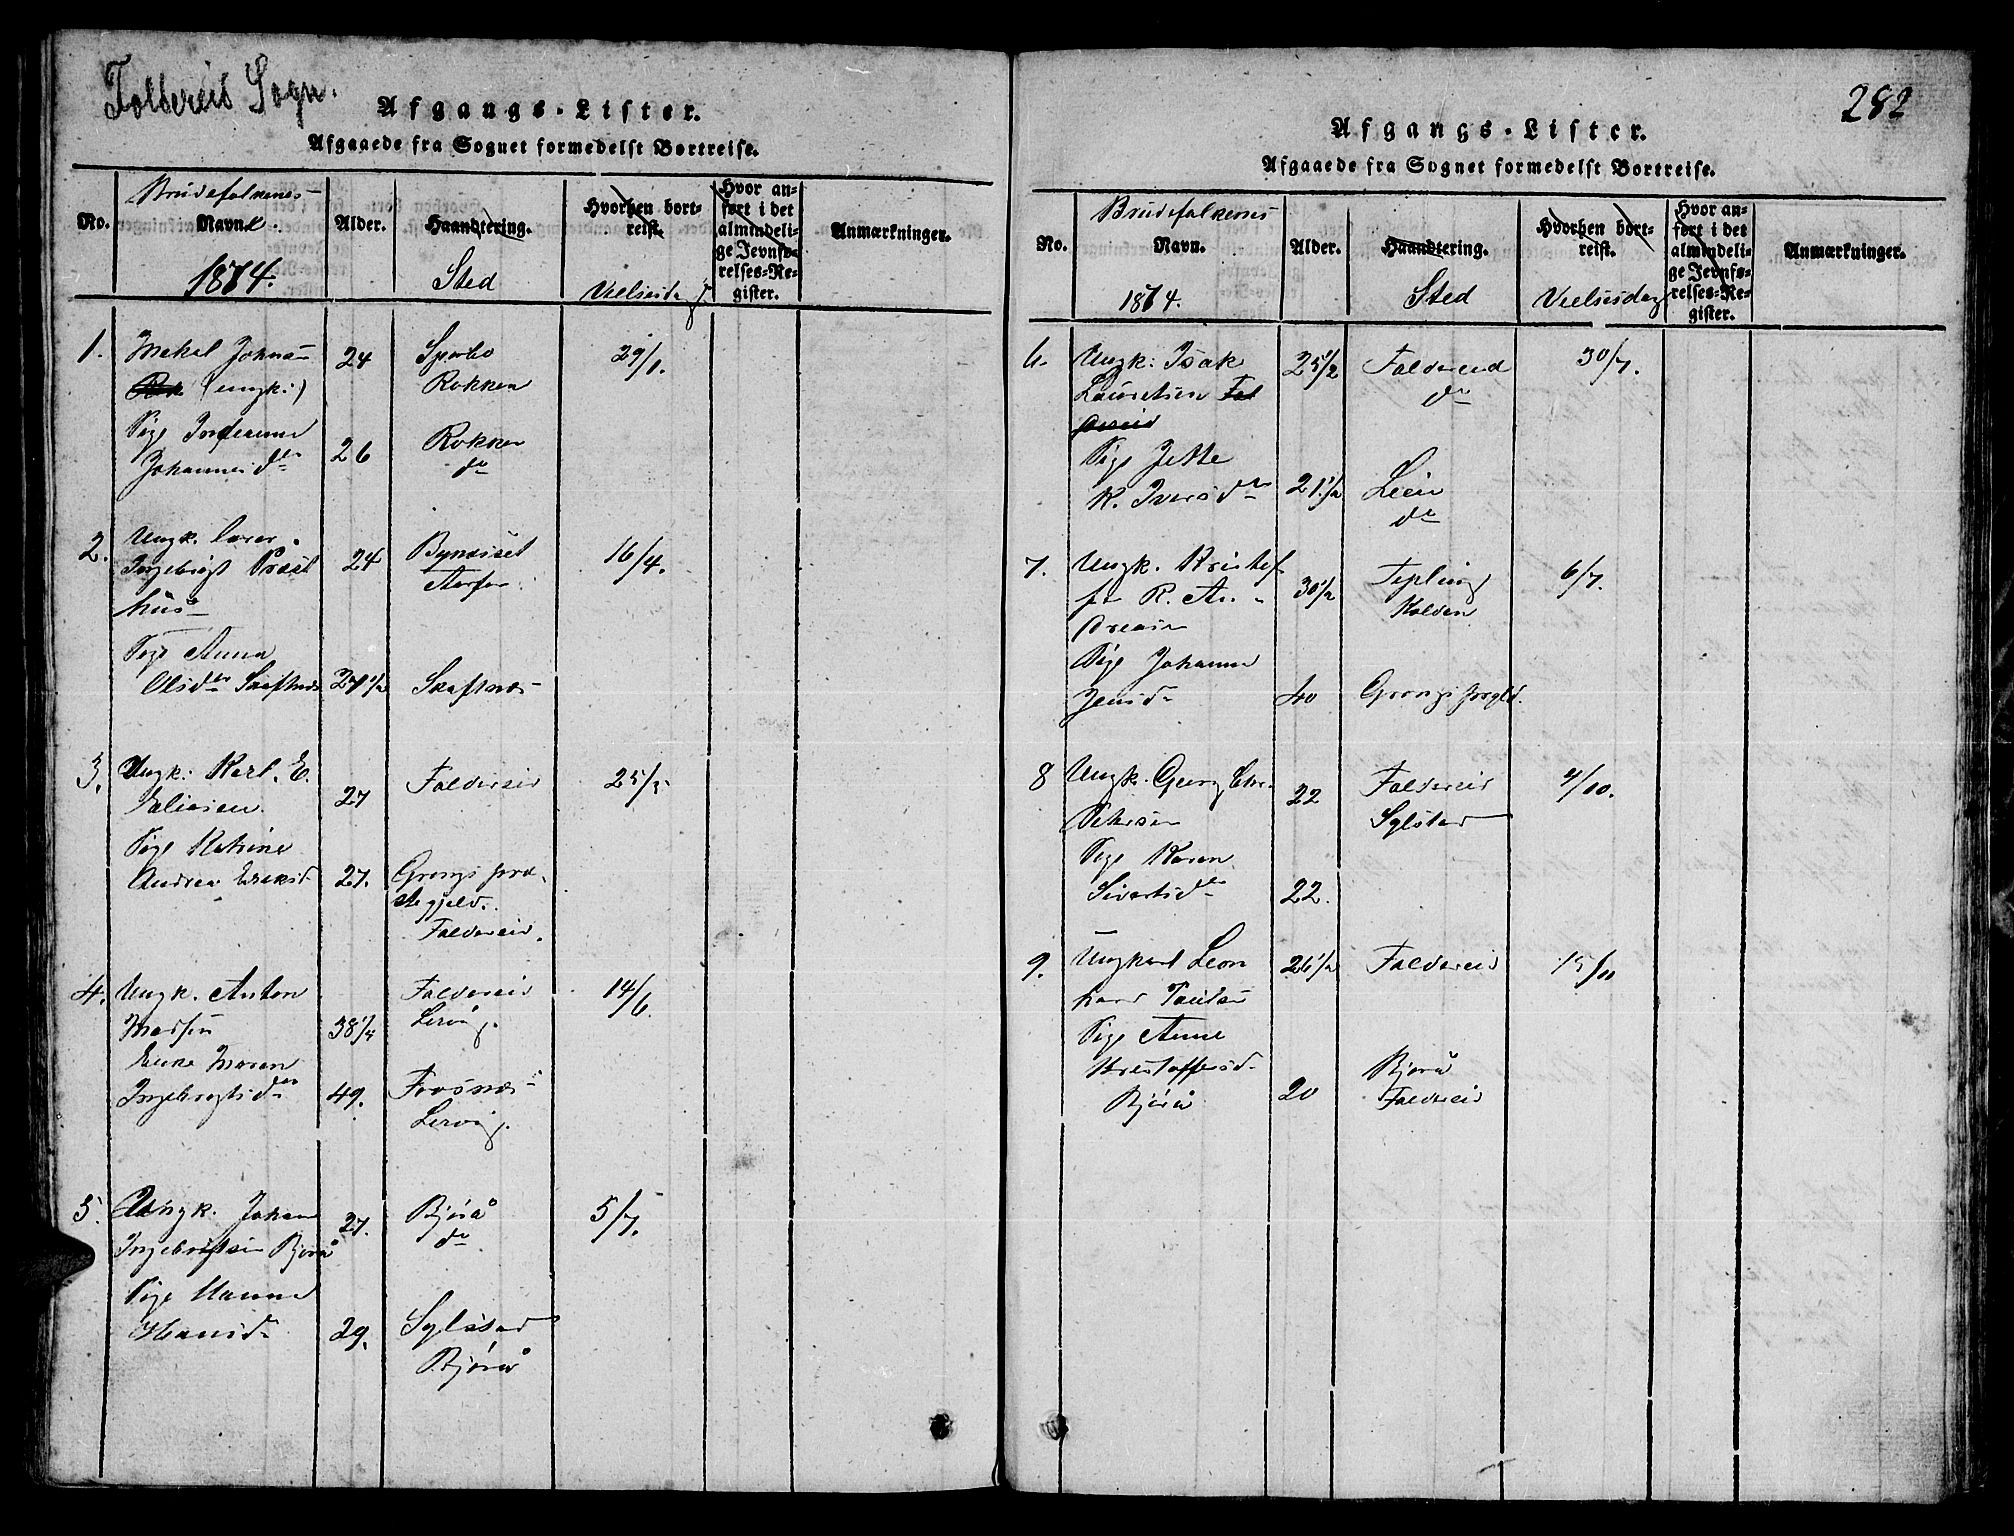 SAT, Ministerialprotokoller, klokkerbøker og fødselsregistre - Nord-Trøndelag, 780/L0648: Klokkerbok nr. 780C01 /3, 1815-1877, s. 282